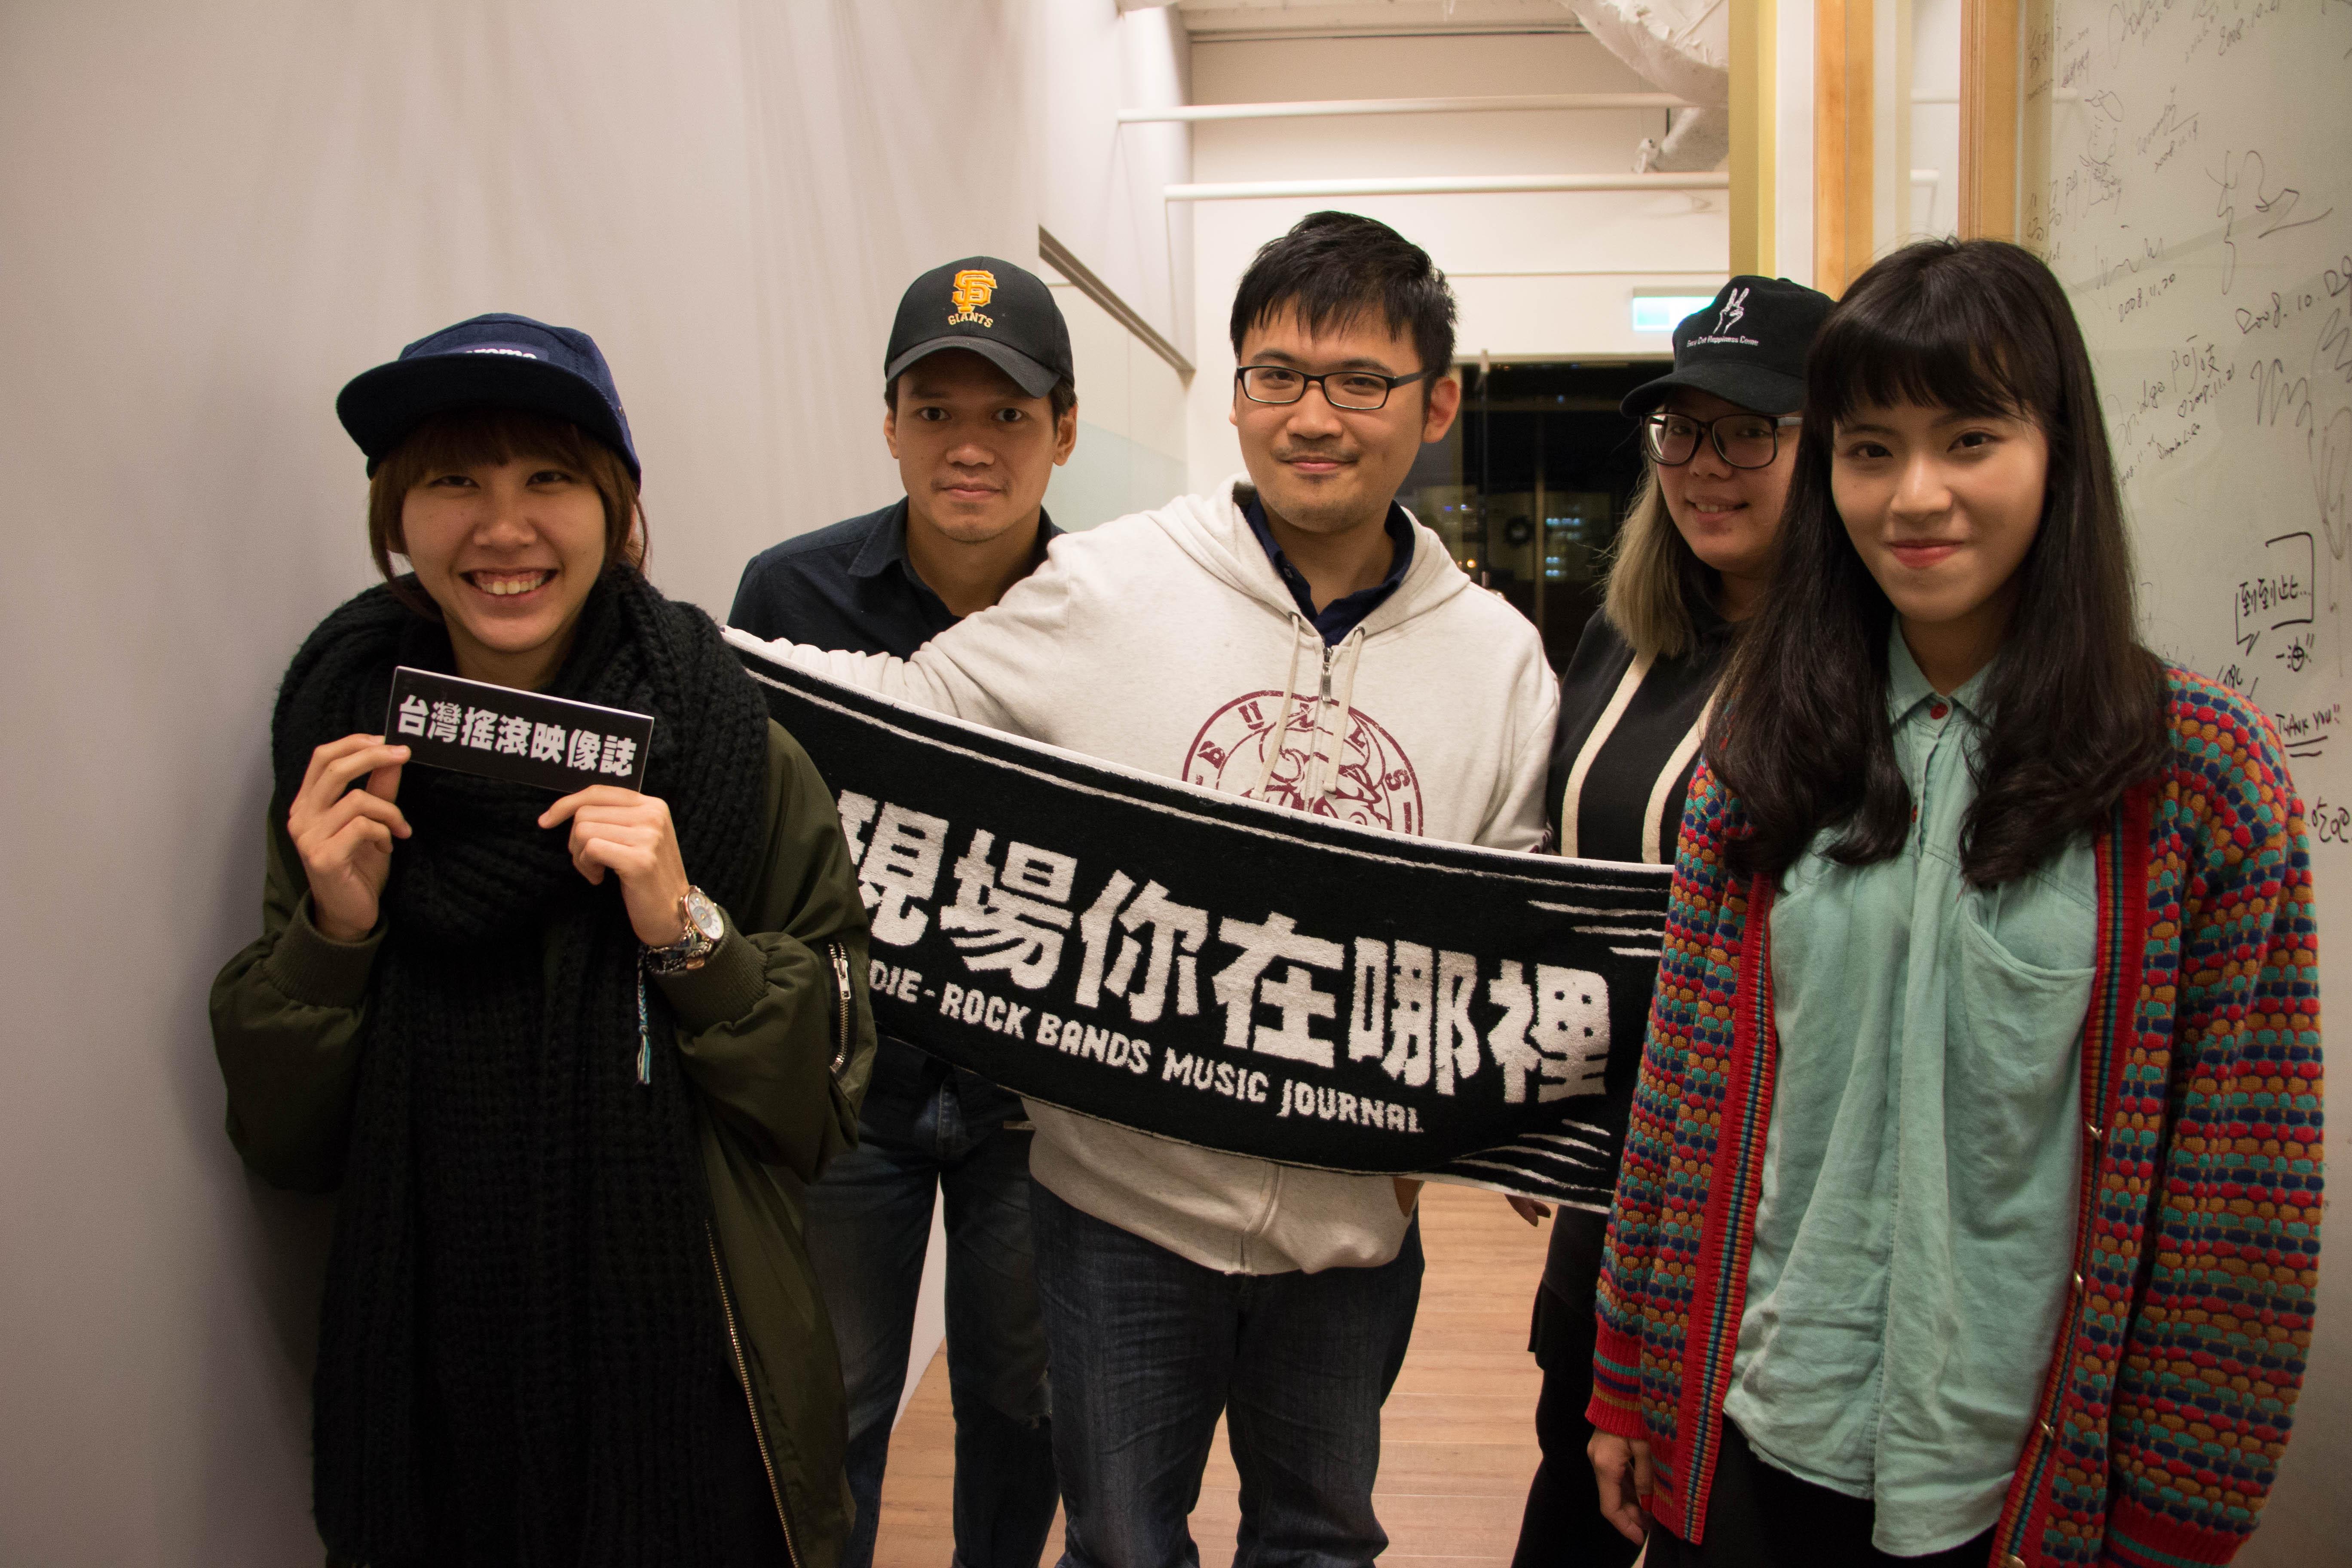 台灣搖滾映像誌成員(由左至右):Purple、阿 Lu、戴居、阿曼、小苗。